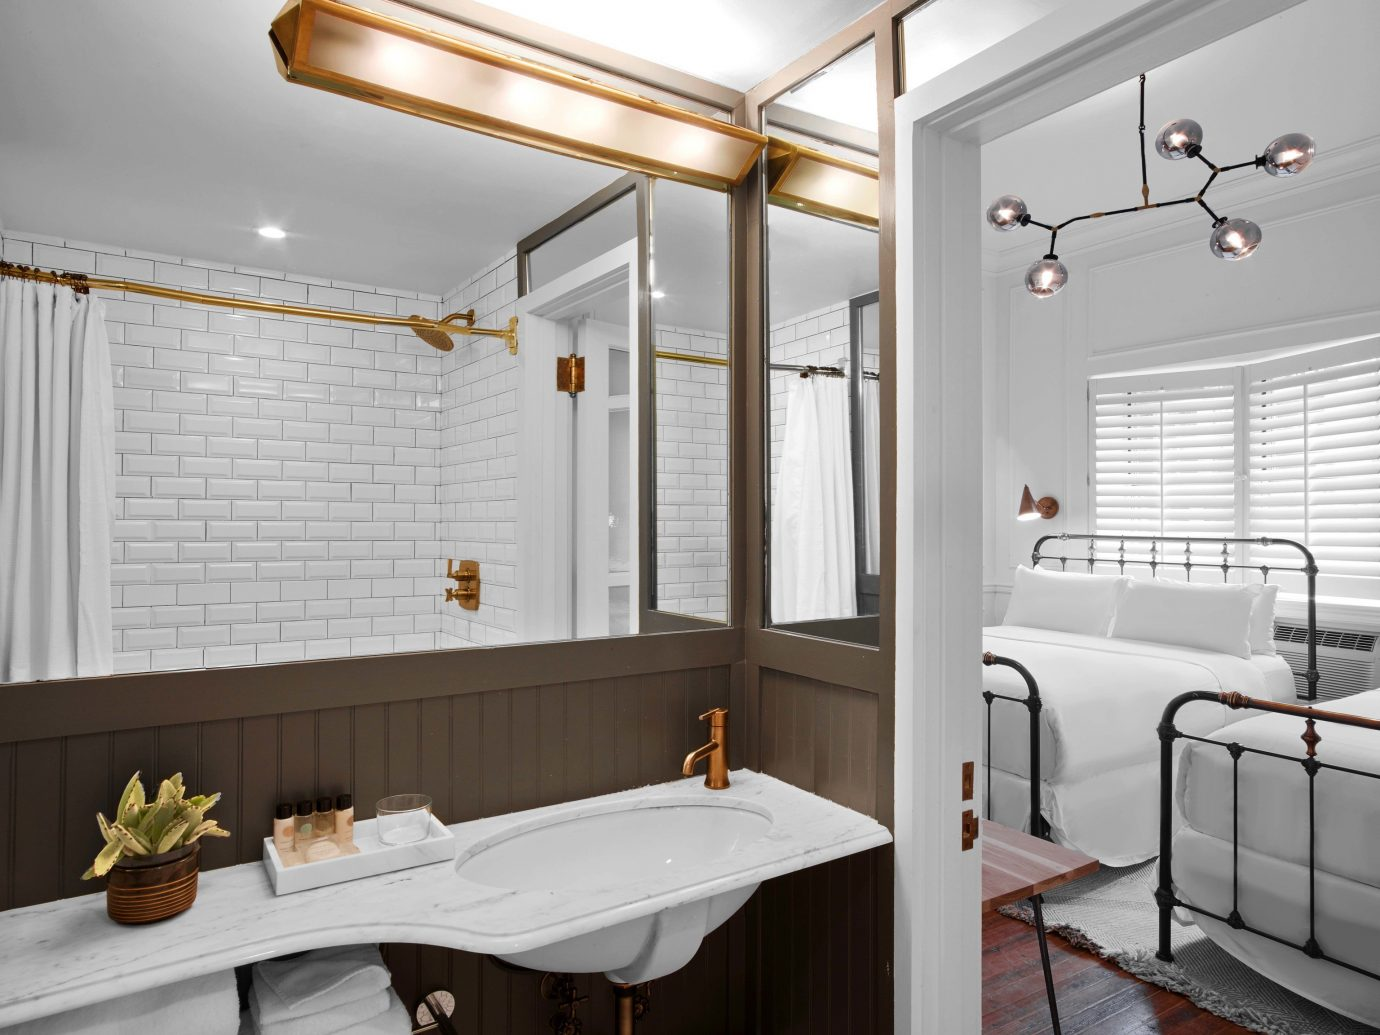 Hotels indoor room property window bathroom interior design home real estate cottage ceiling Design estate window covering several